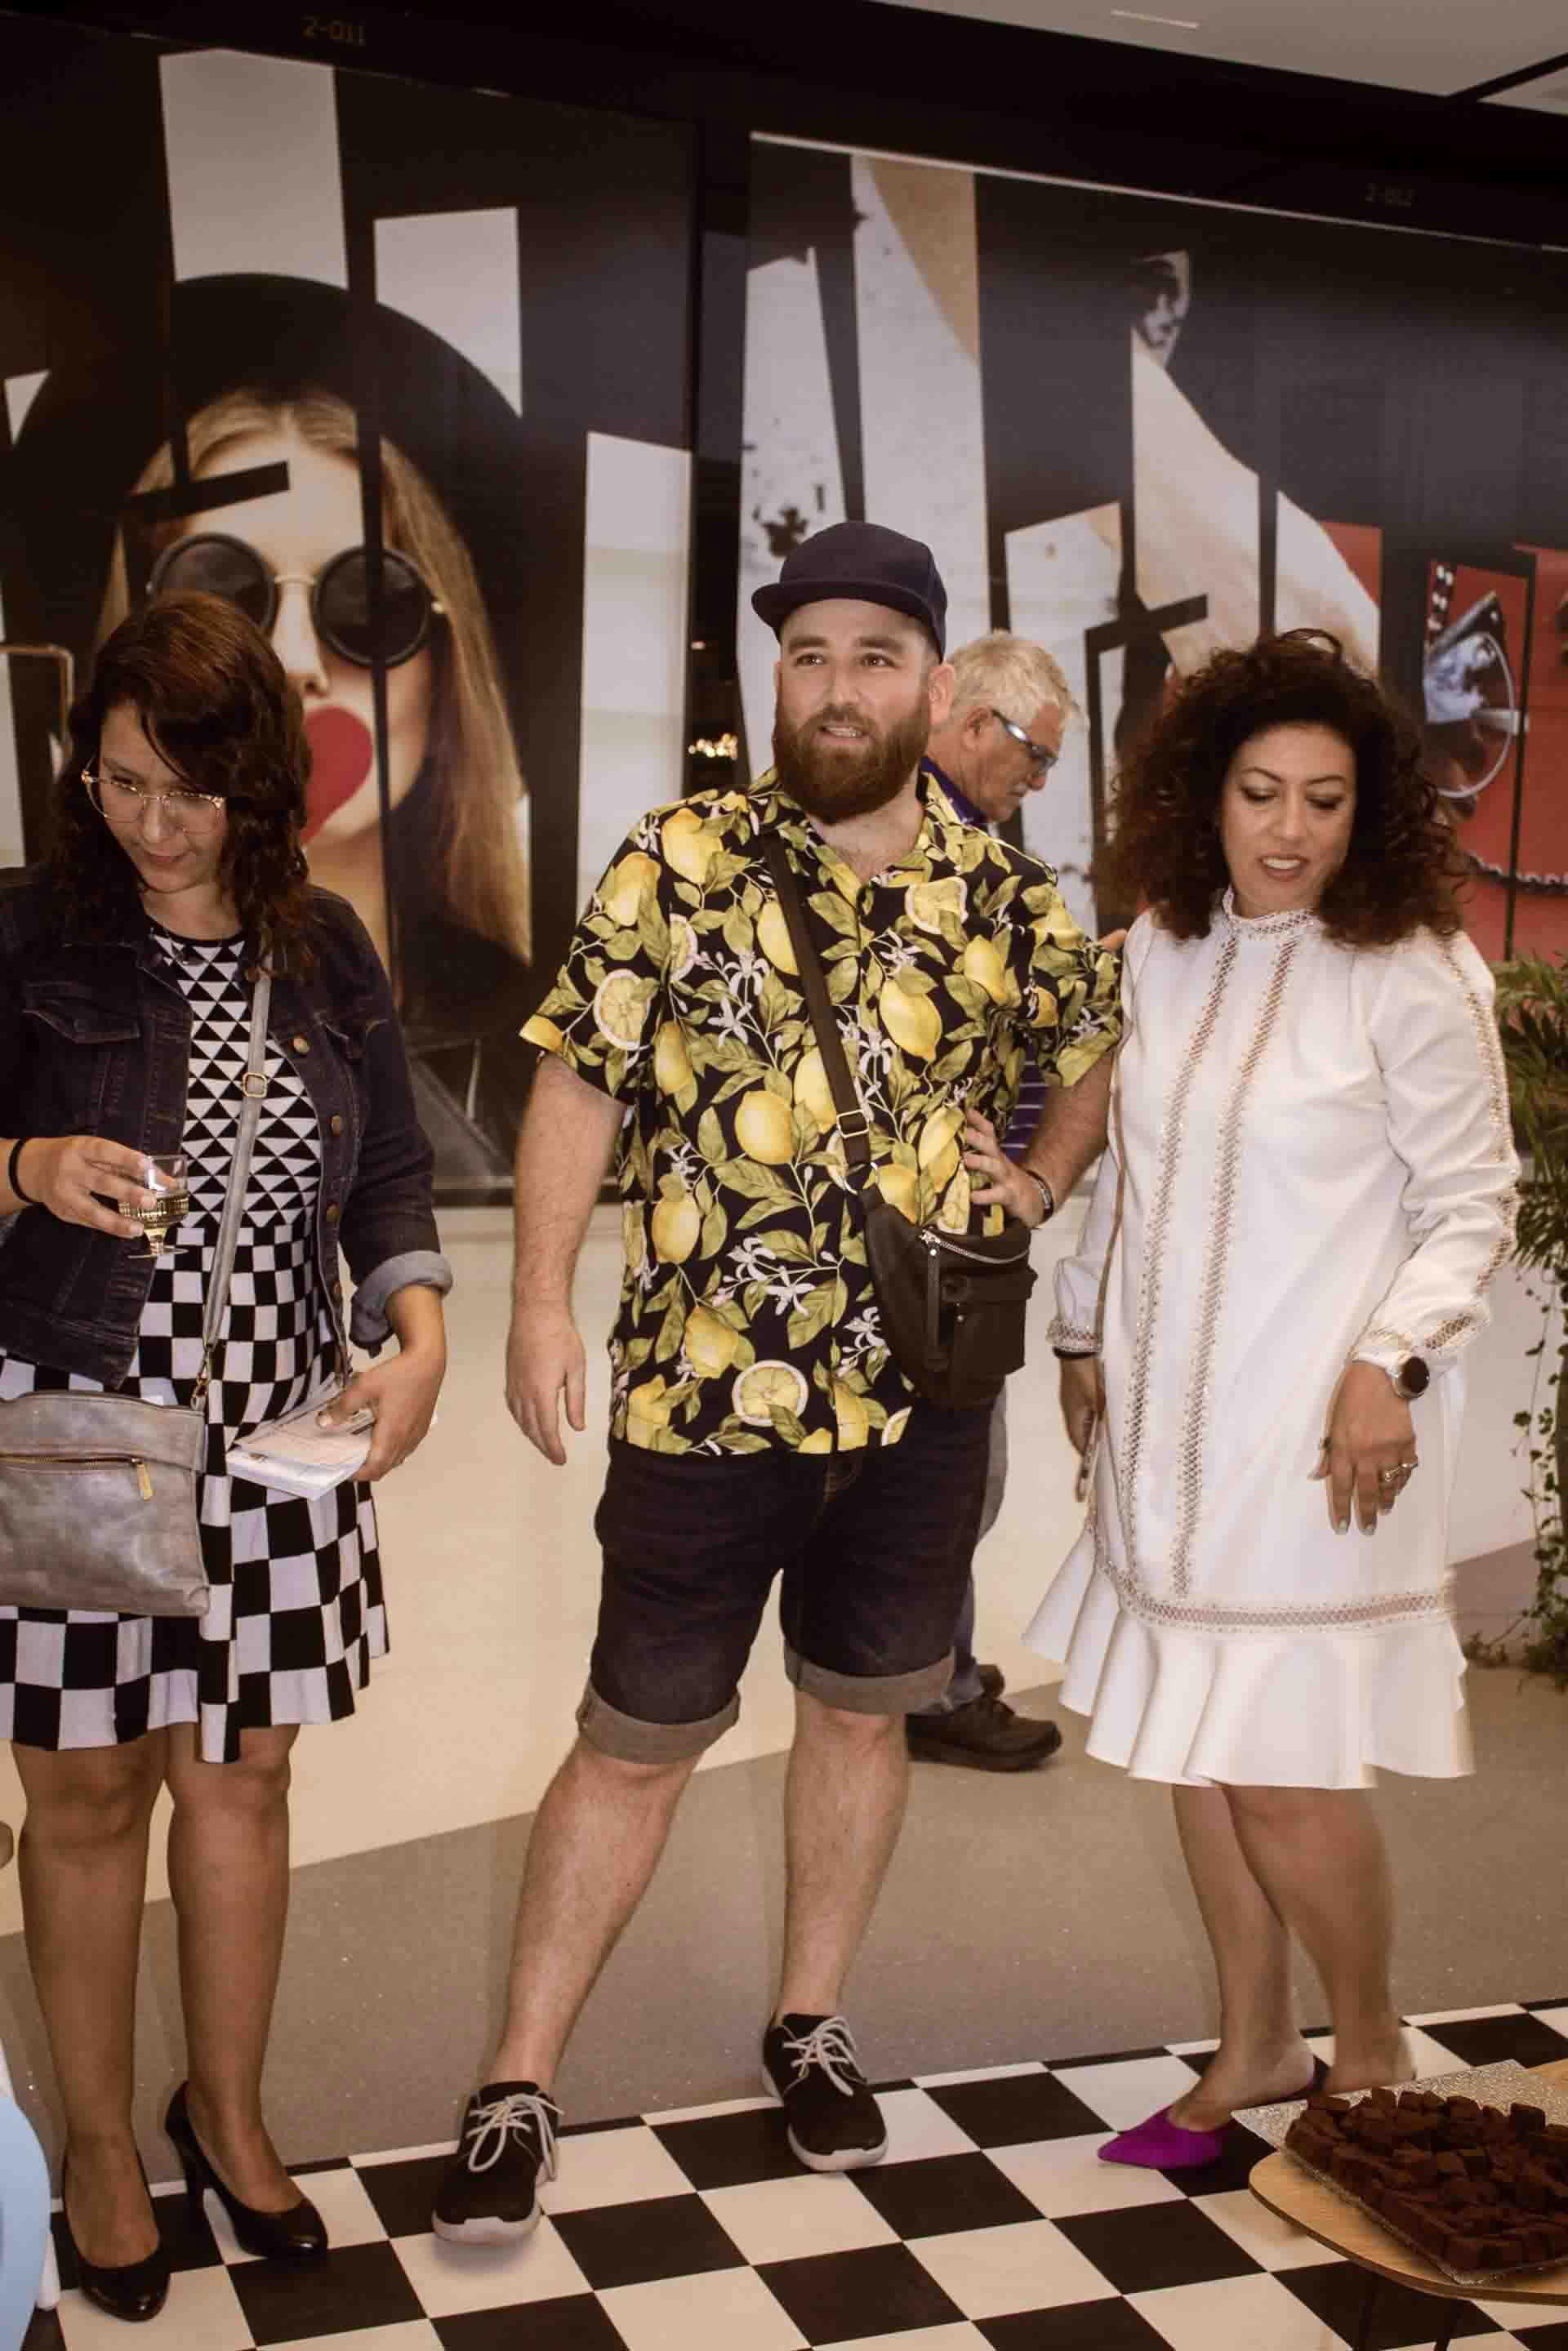 אירוויזיון 2019, תערוכת השמלה המנצחת, צילום Morgan Jamie - 18